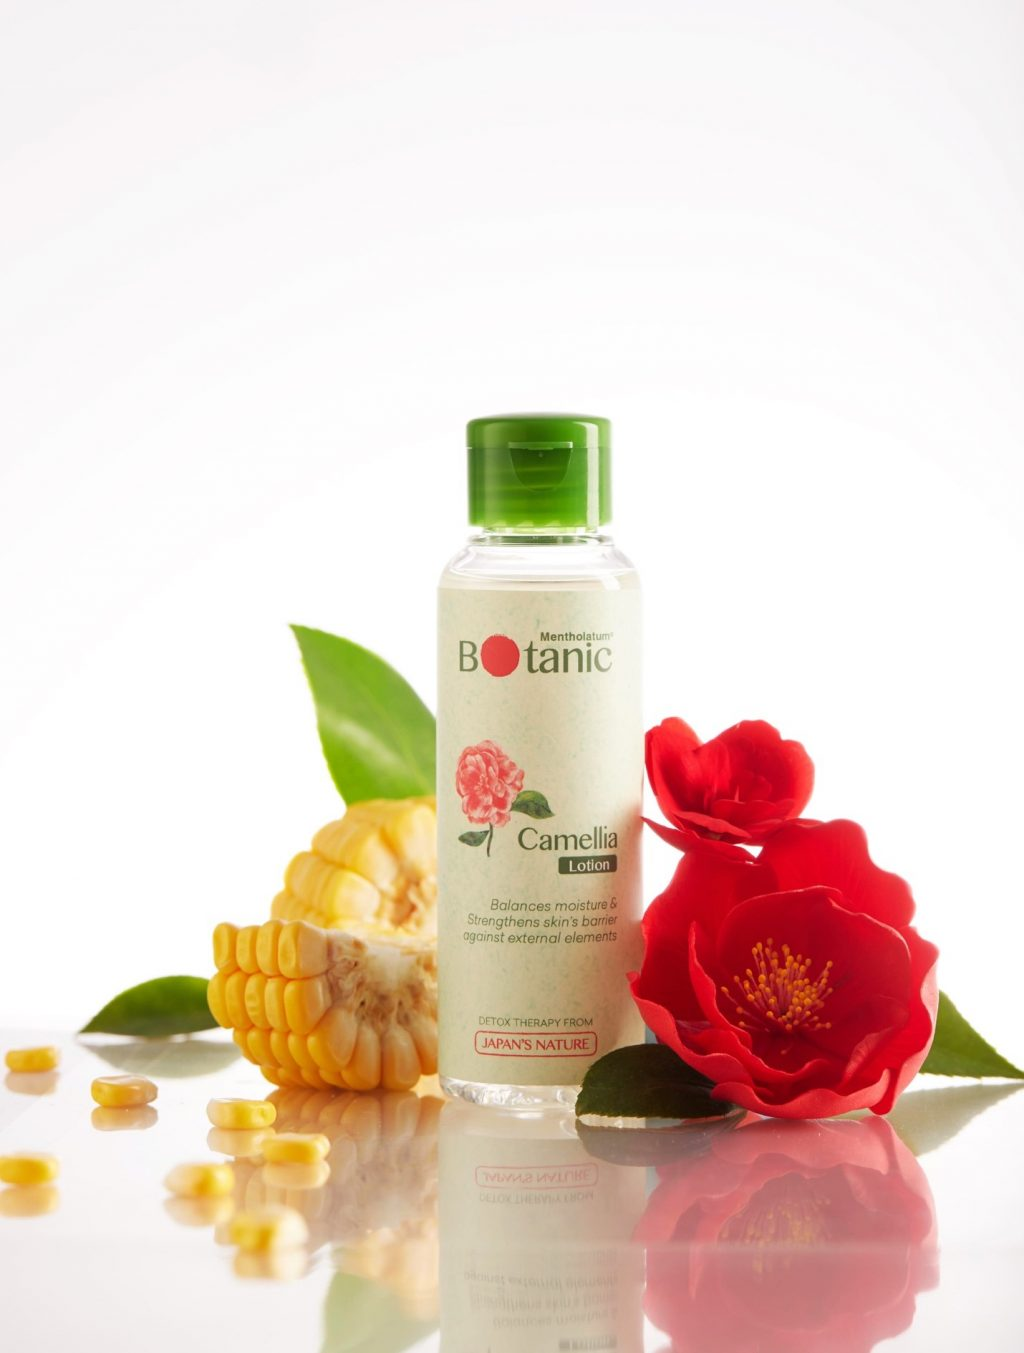 lotion mỹ phẩm thiên nhiên với hoa